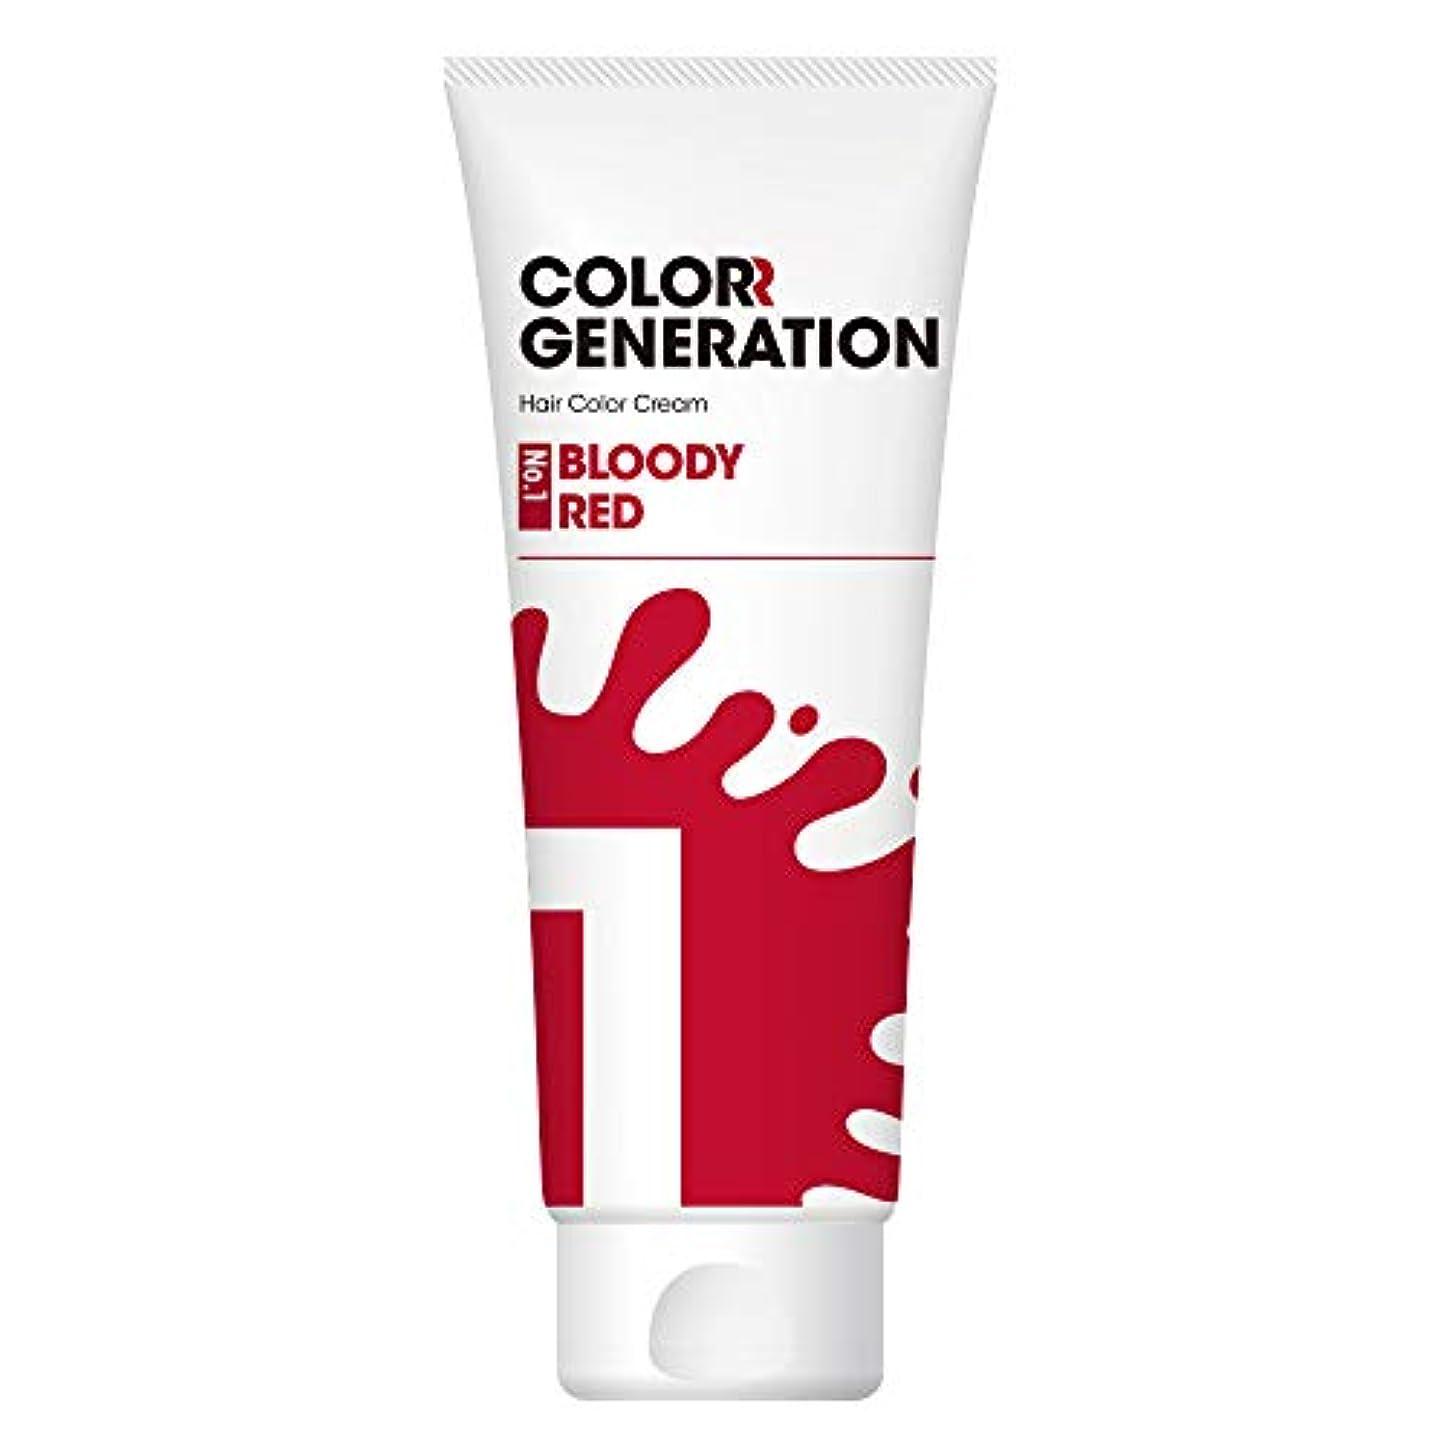 製品偽装するコモランマサードパーク COLORR GENERATION BLOODY RED ブラッディレッド 150g